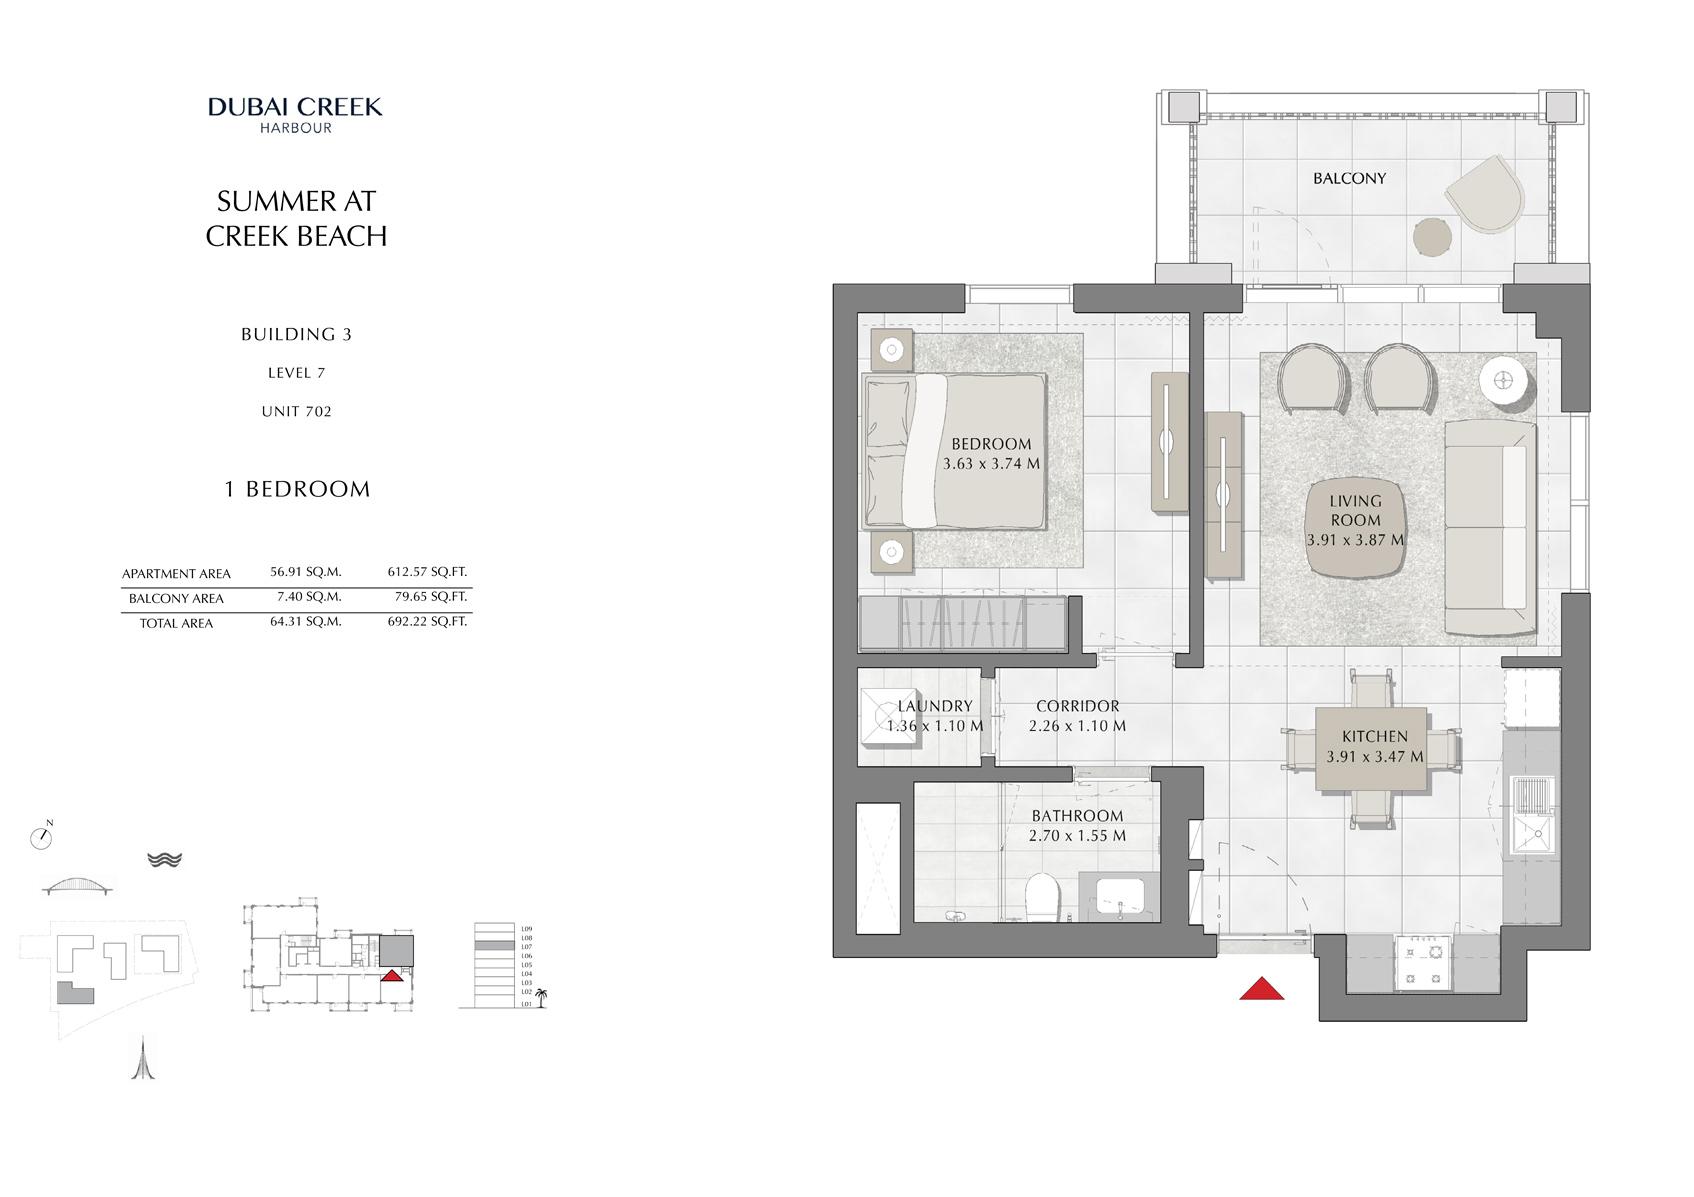 1 Br Building 3 Level 7 Unit 702, Size 692 Sq Ft